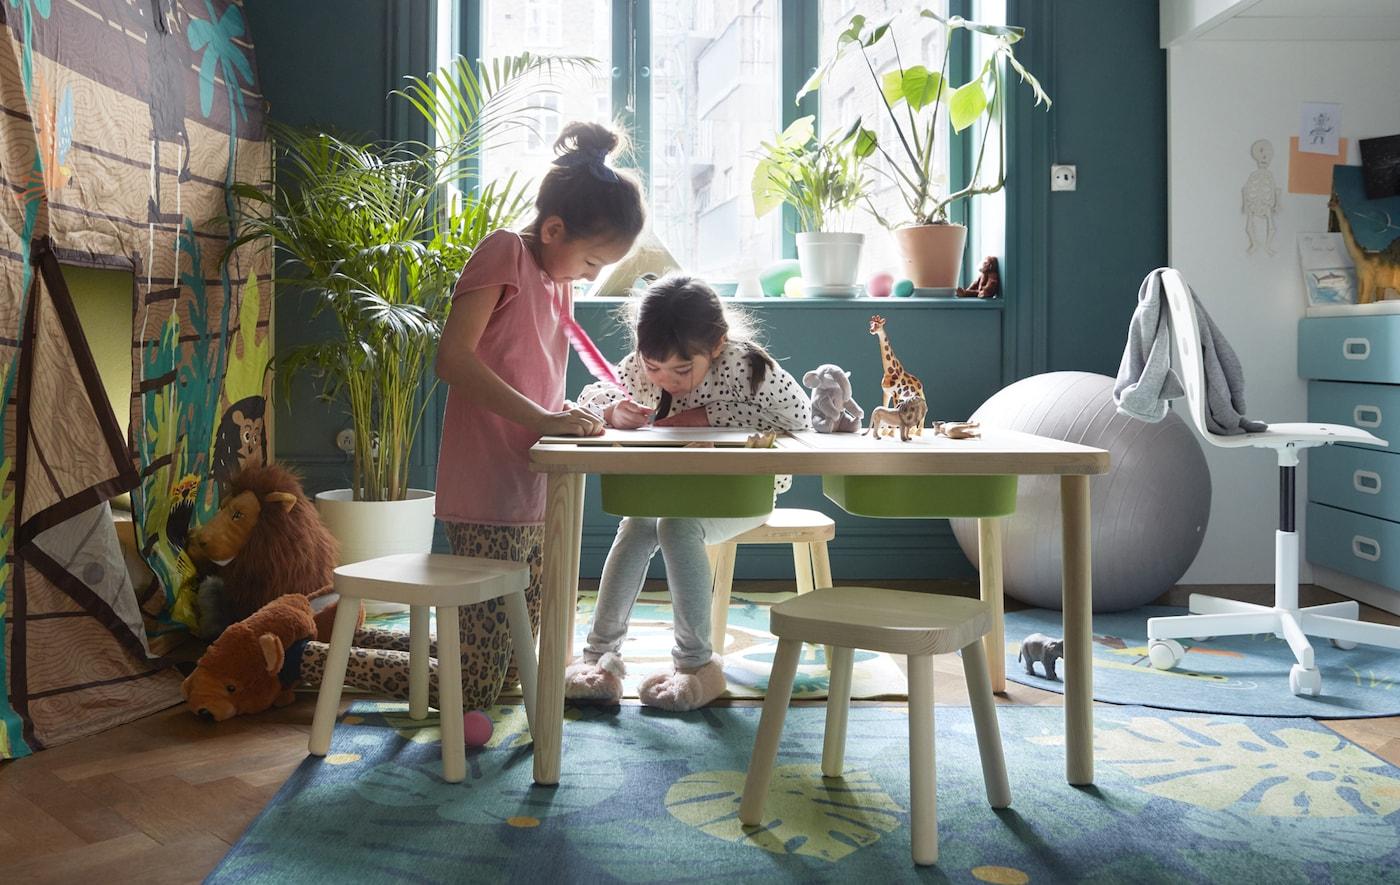 Deux enfants en train de dessiner à une table pour enfants, dans une salle de jeu.